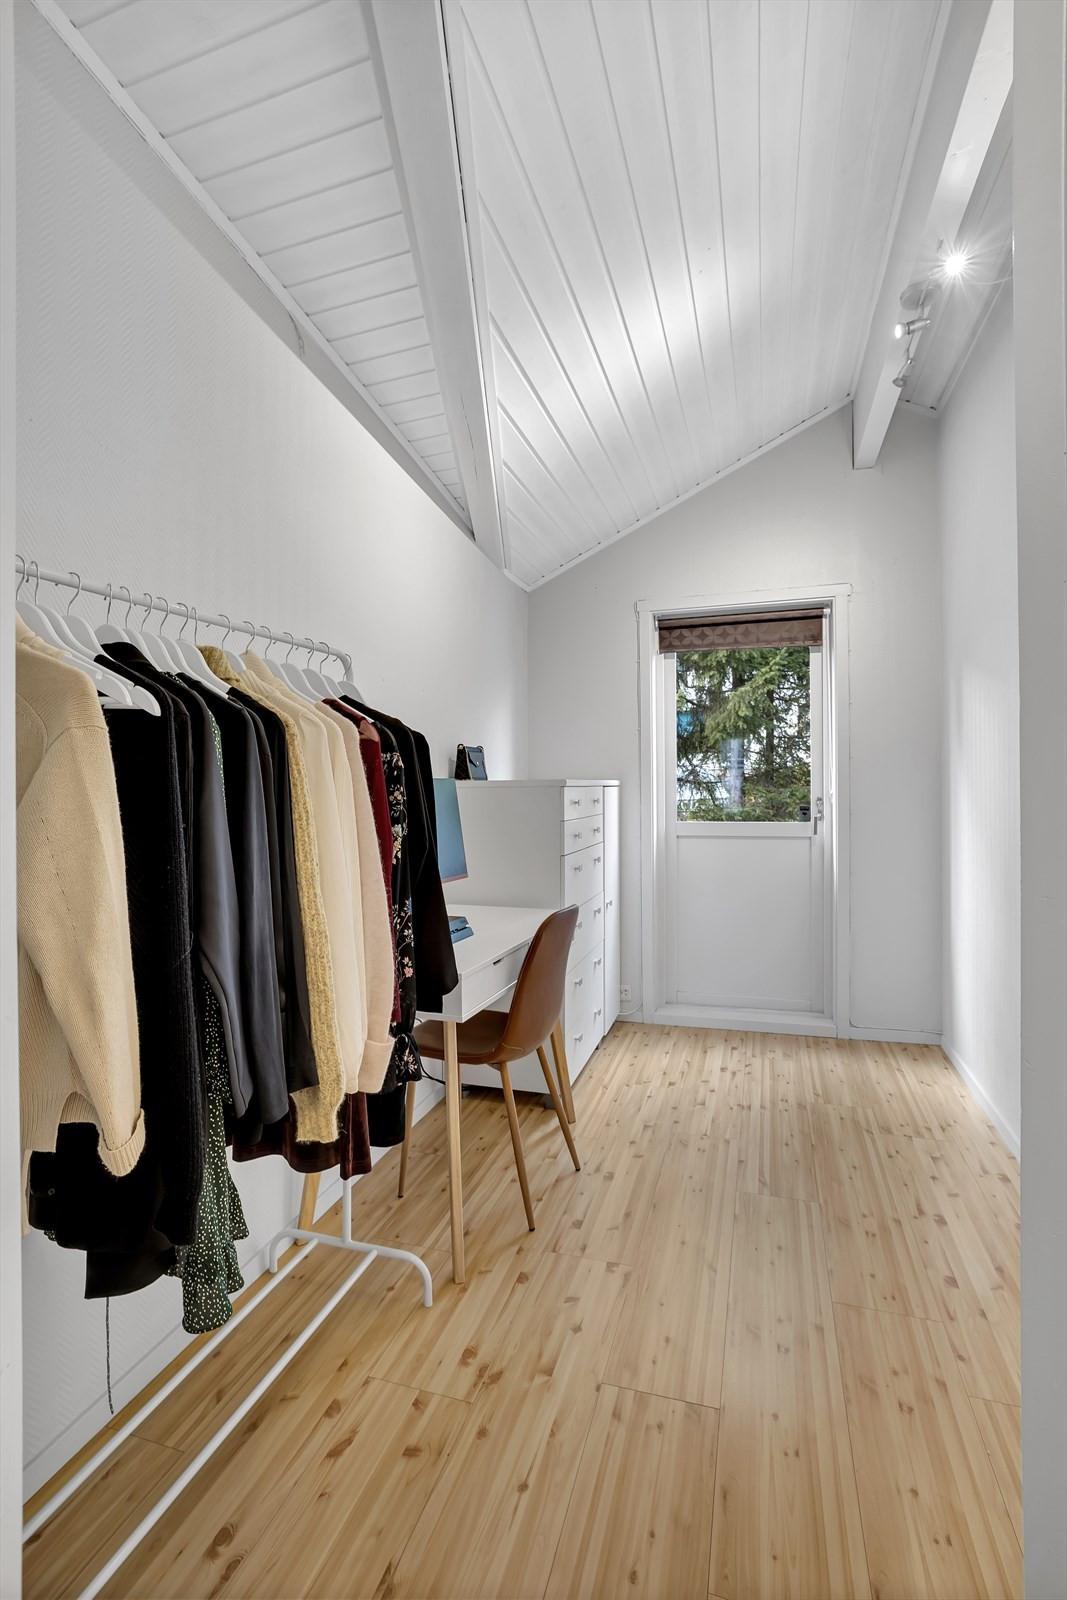 Soverom 2 benyttes til garderobe og kontor. Herfra går du ut til liten veranda